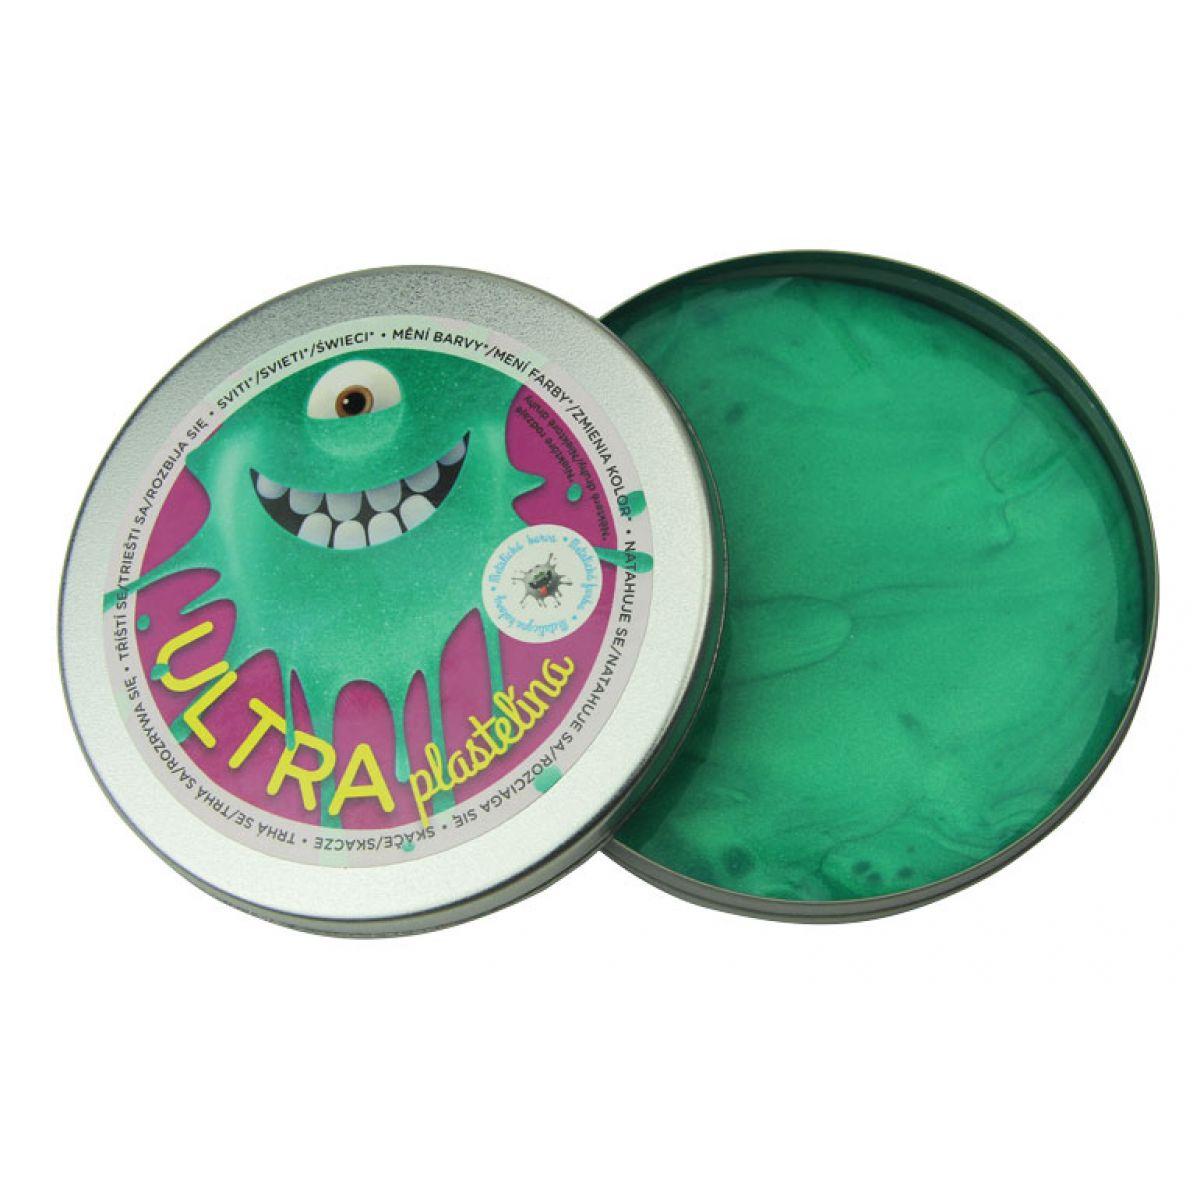 Ultra Plastelína Metalická 80g - Pastelová zelená